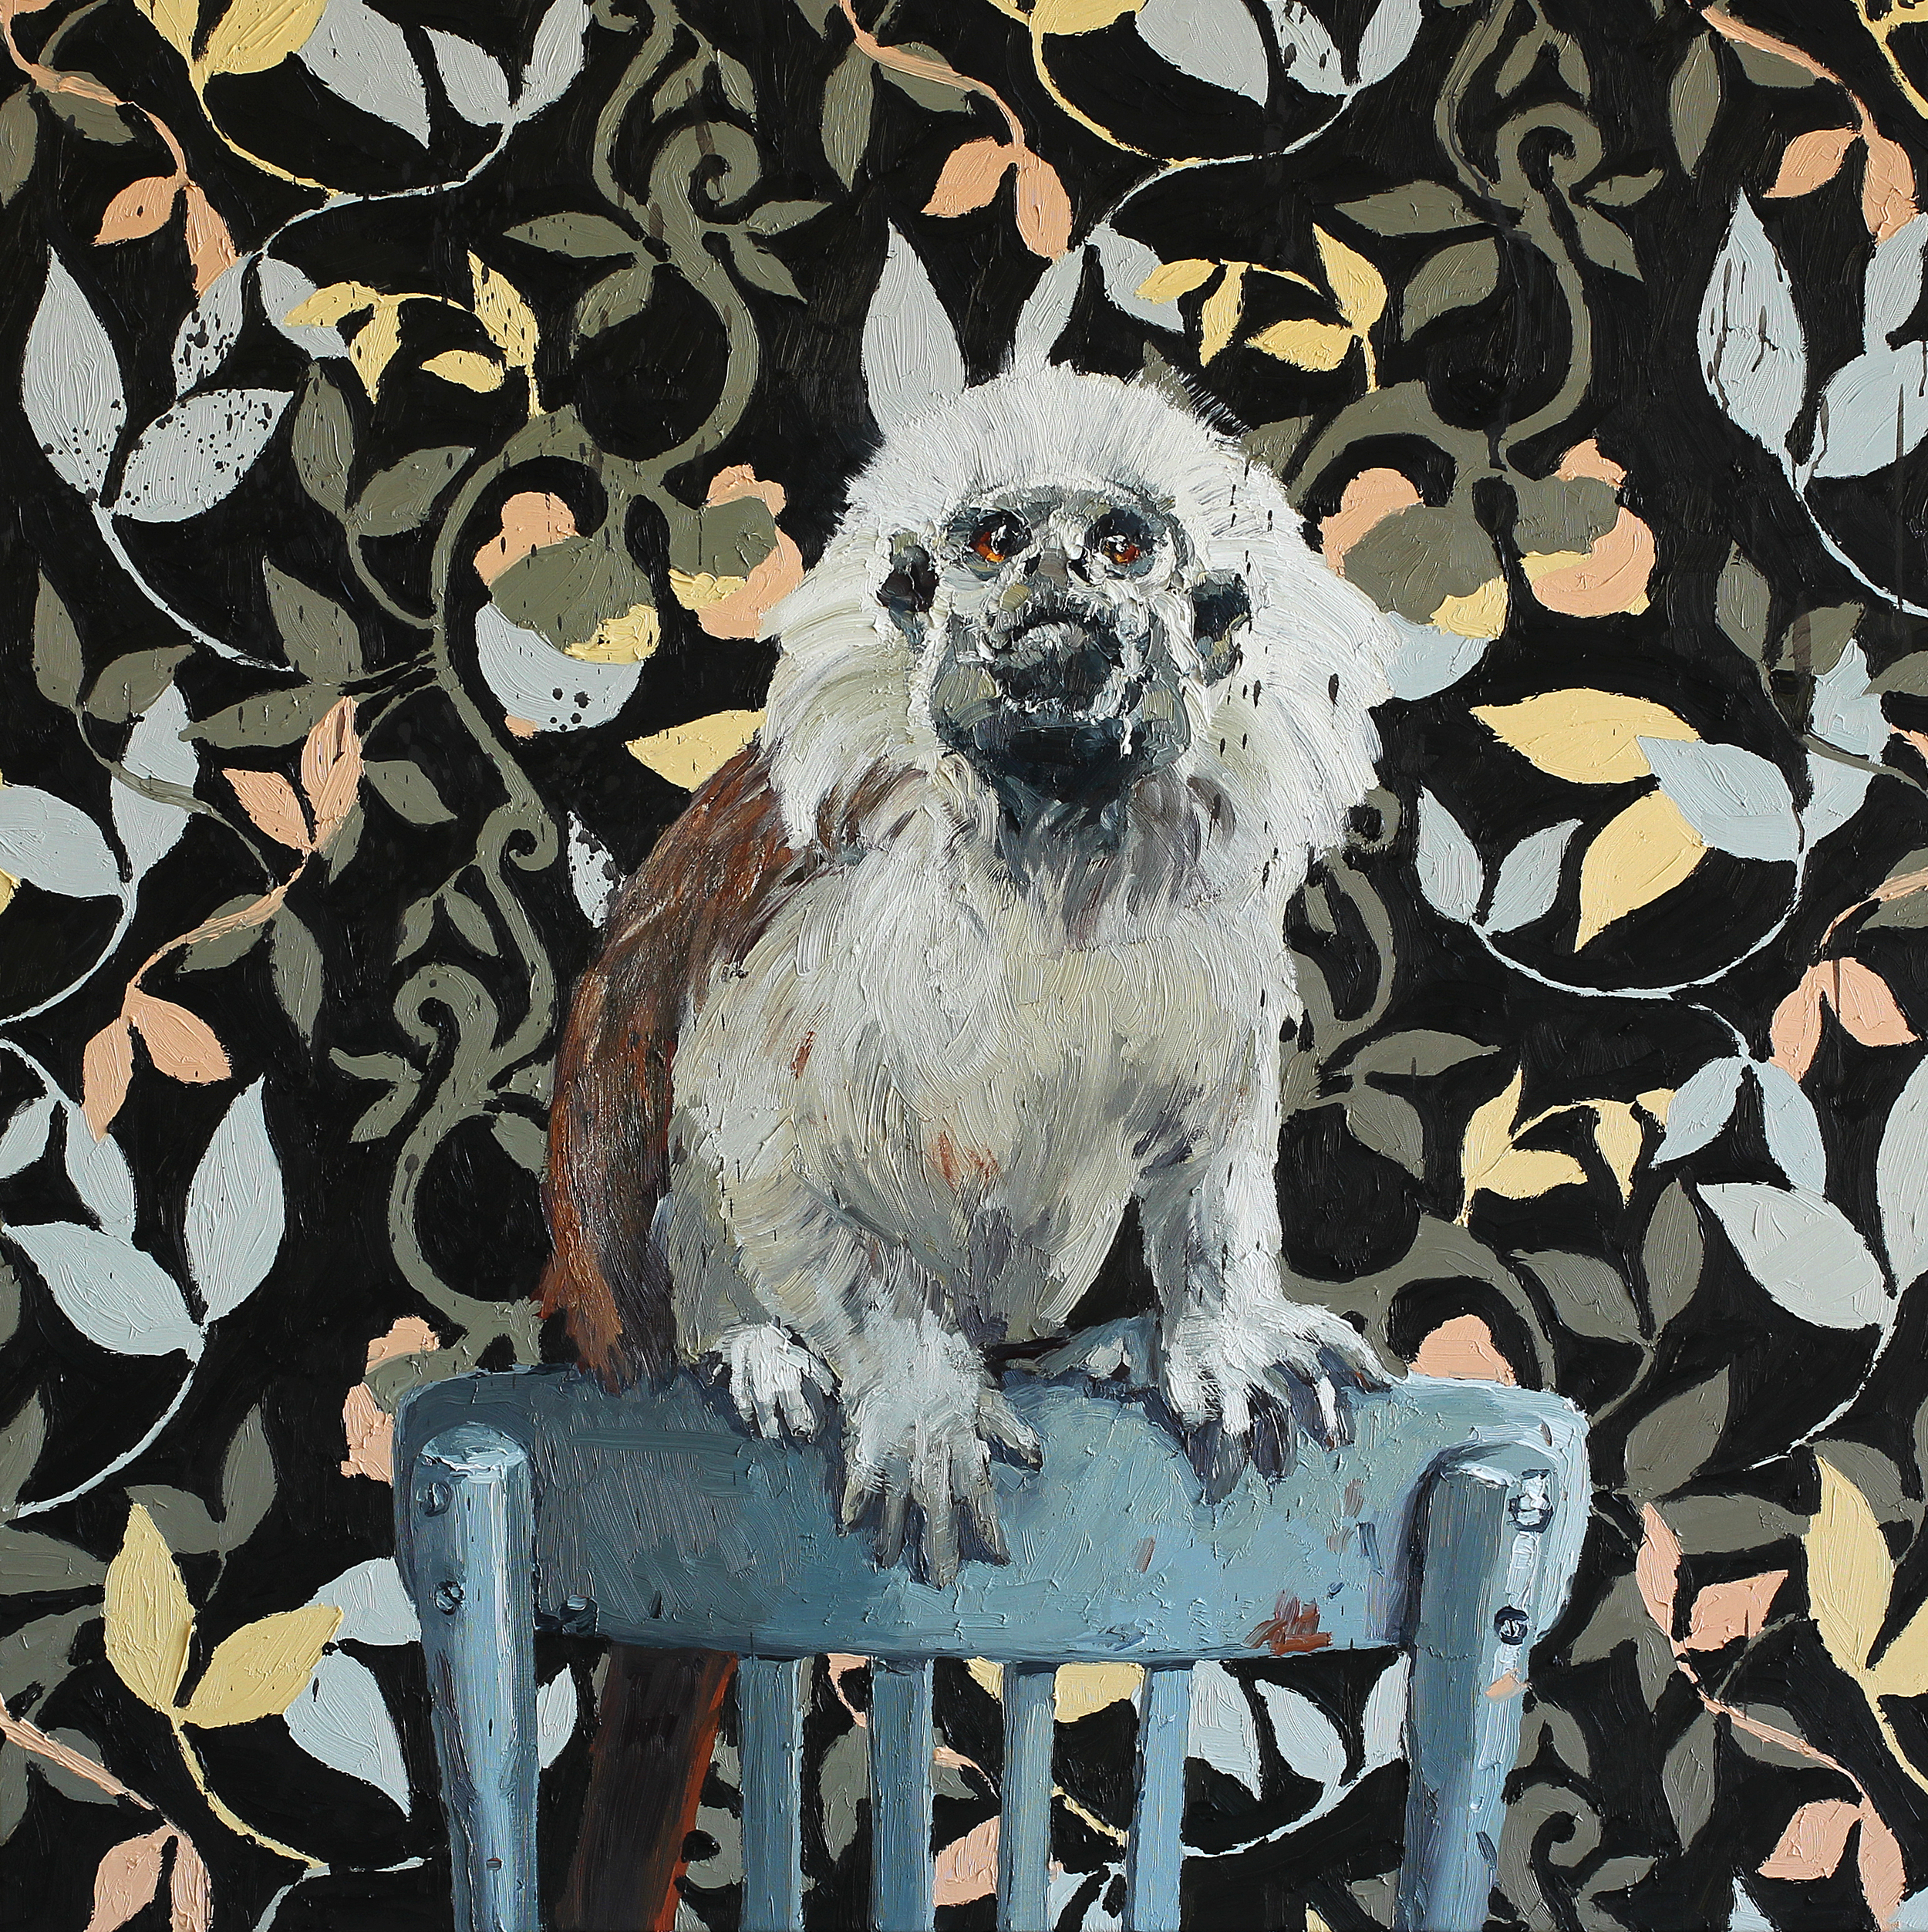 Bommullstopp-tamarin på merkelig stol | 85x85 | Olje på lerret | Galleri Grette